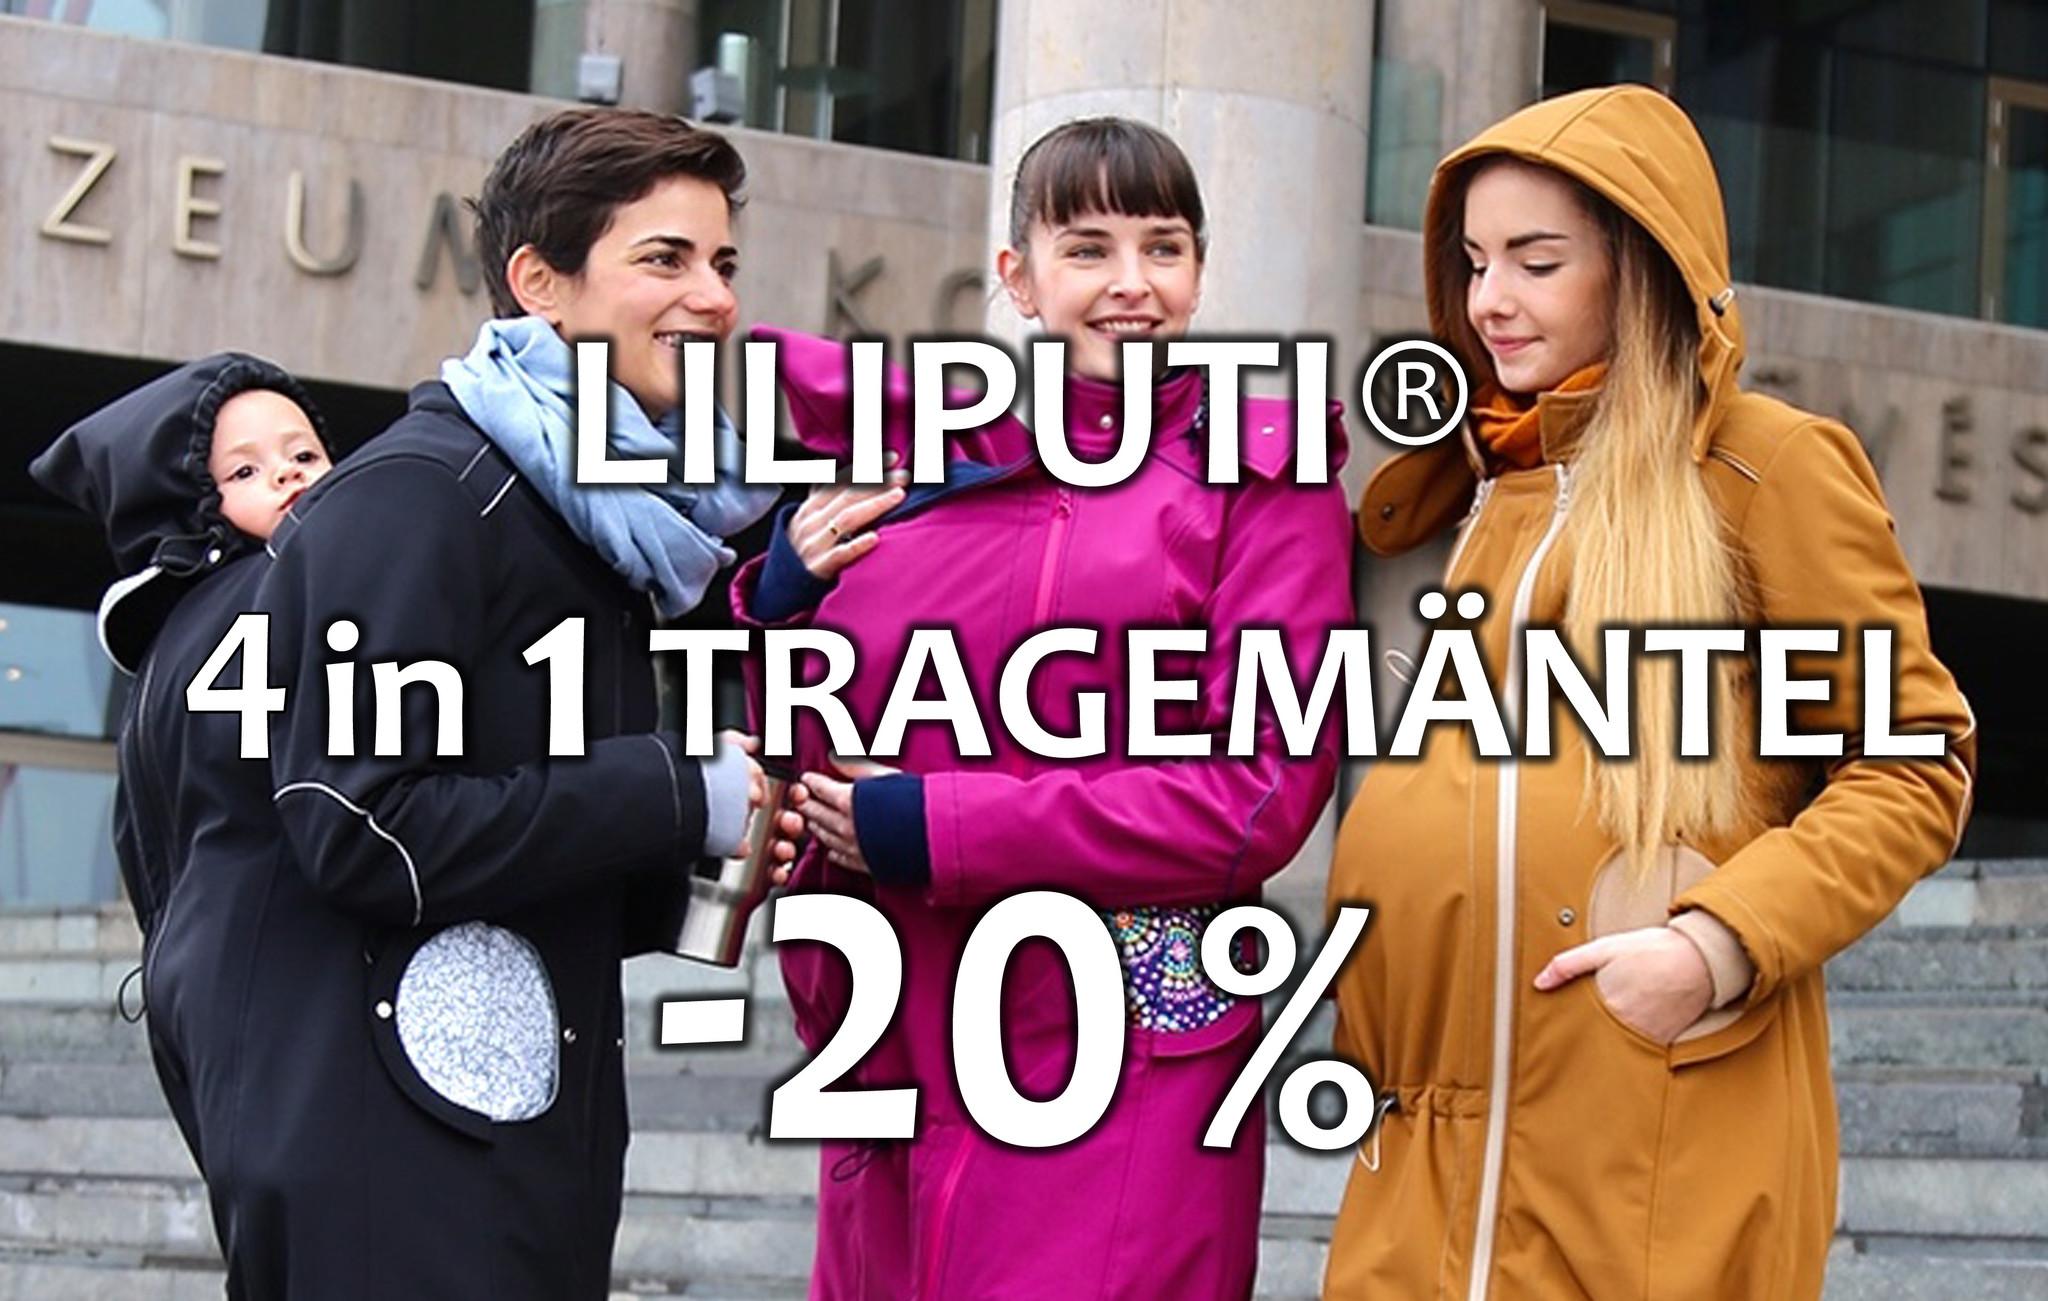 Liliputi 4 in 1 Tragemantel in Aktion, -20% Rabatt Liebli Kindermode, Baby Shop, Baby Geschäft, Baby Tragen, Babytrage, Babys Tragen, Umstandsmantel